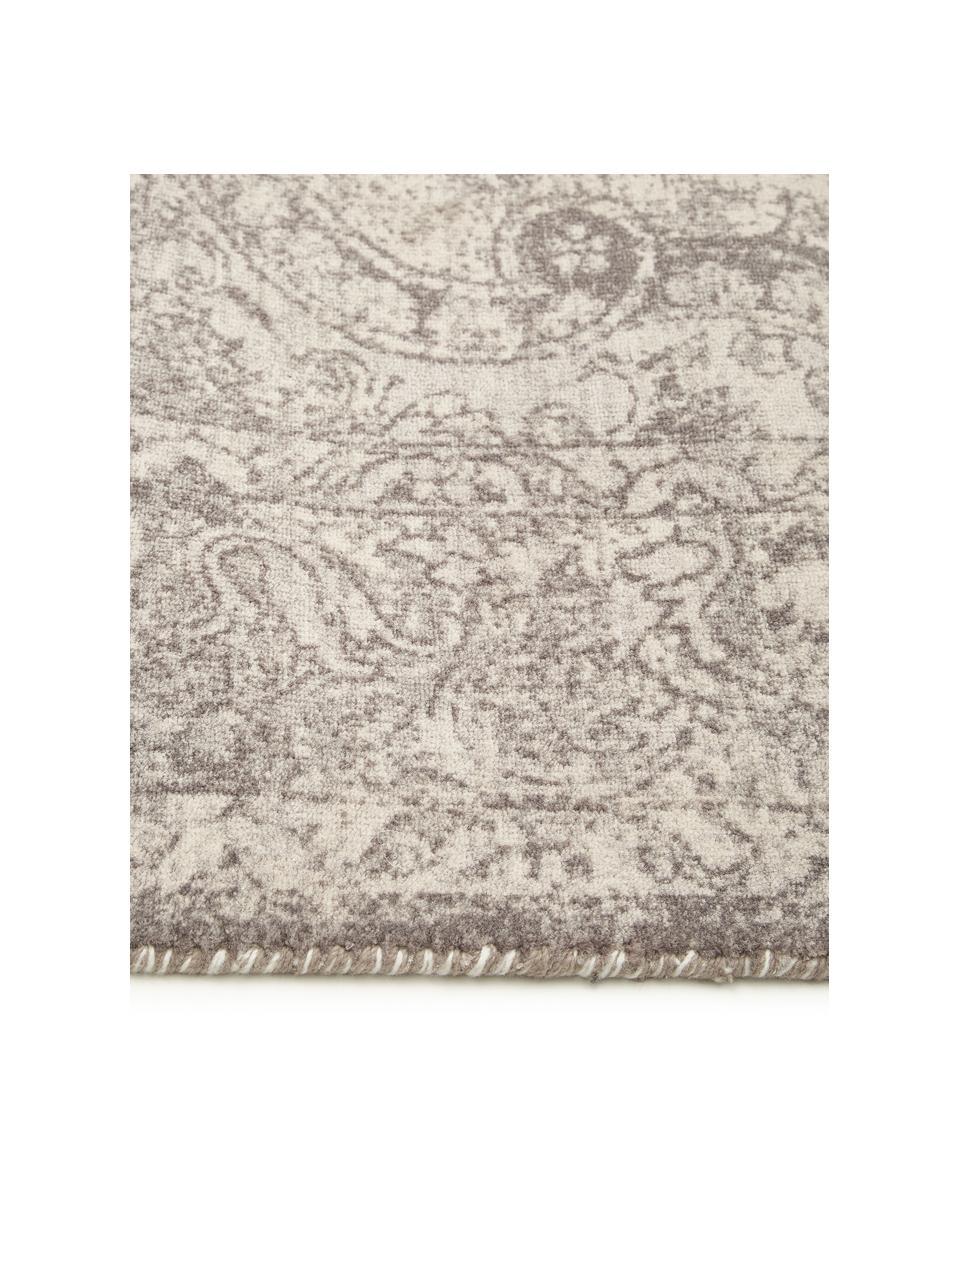 Vloerkleed Elegant in vintage stijl, Bovenzijde: 100% nylon, Onderzijde: 100% katoen, Grijs, B 80 x L 150 cm (maat XS)